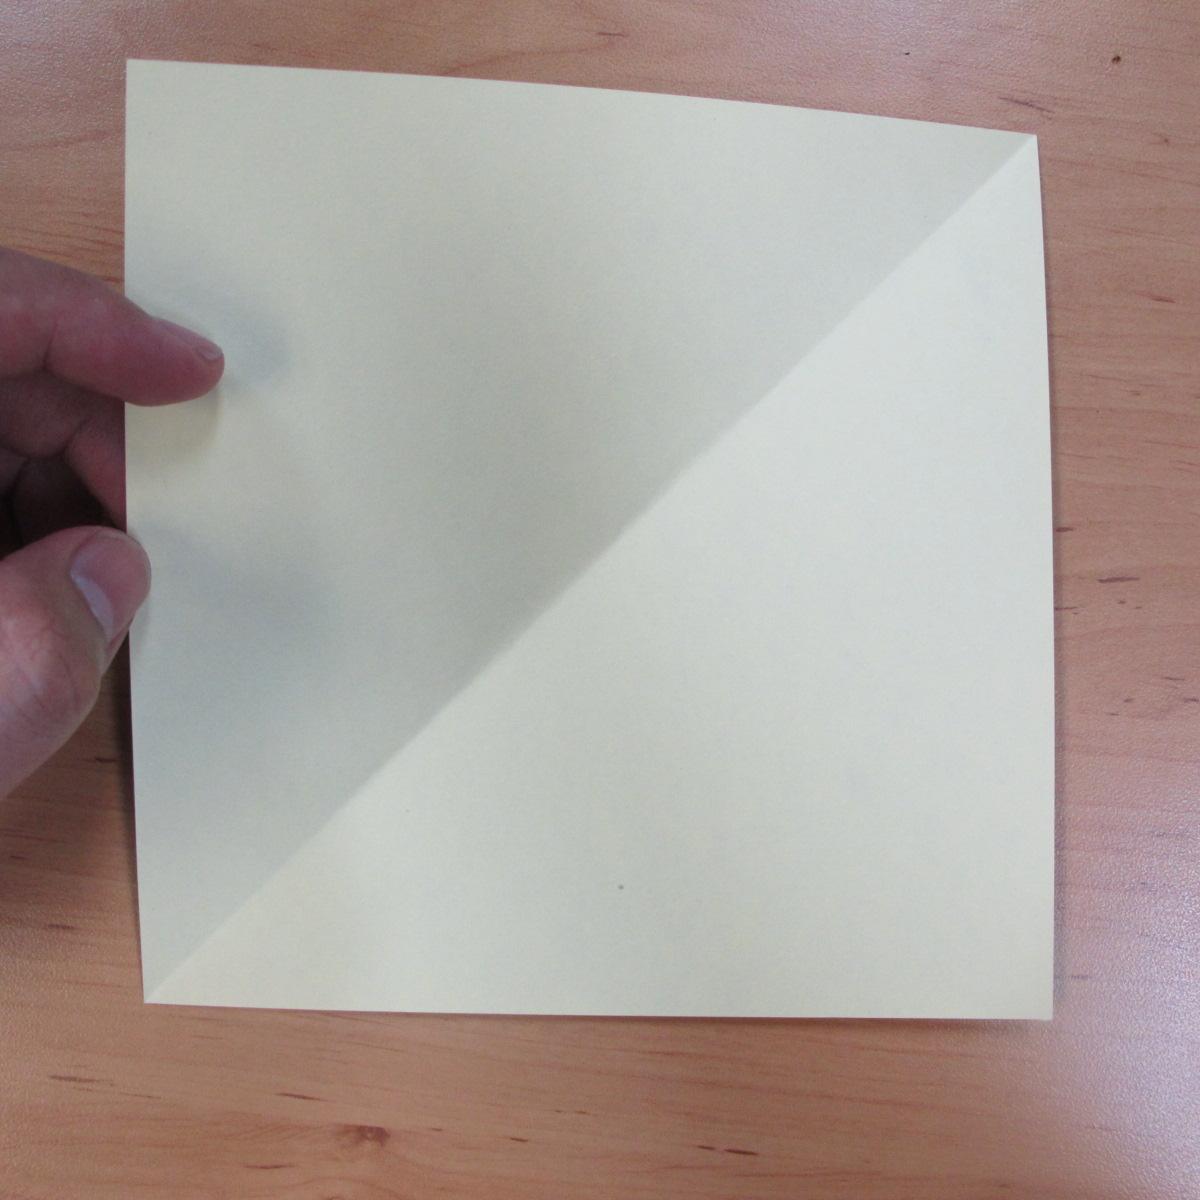 วิธีพับกระดาษเป็นดอกกุหลายแบบเกลียว 001